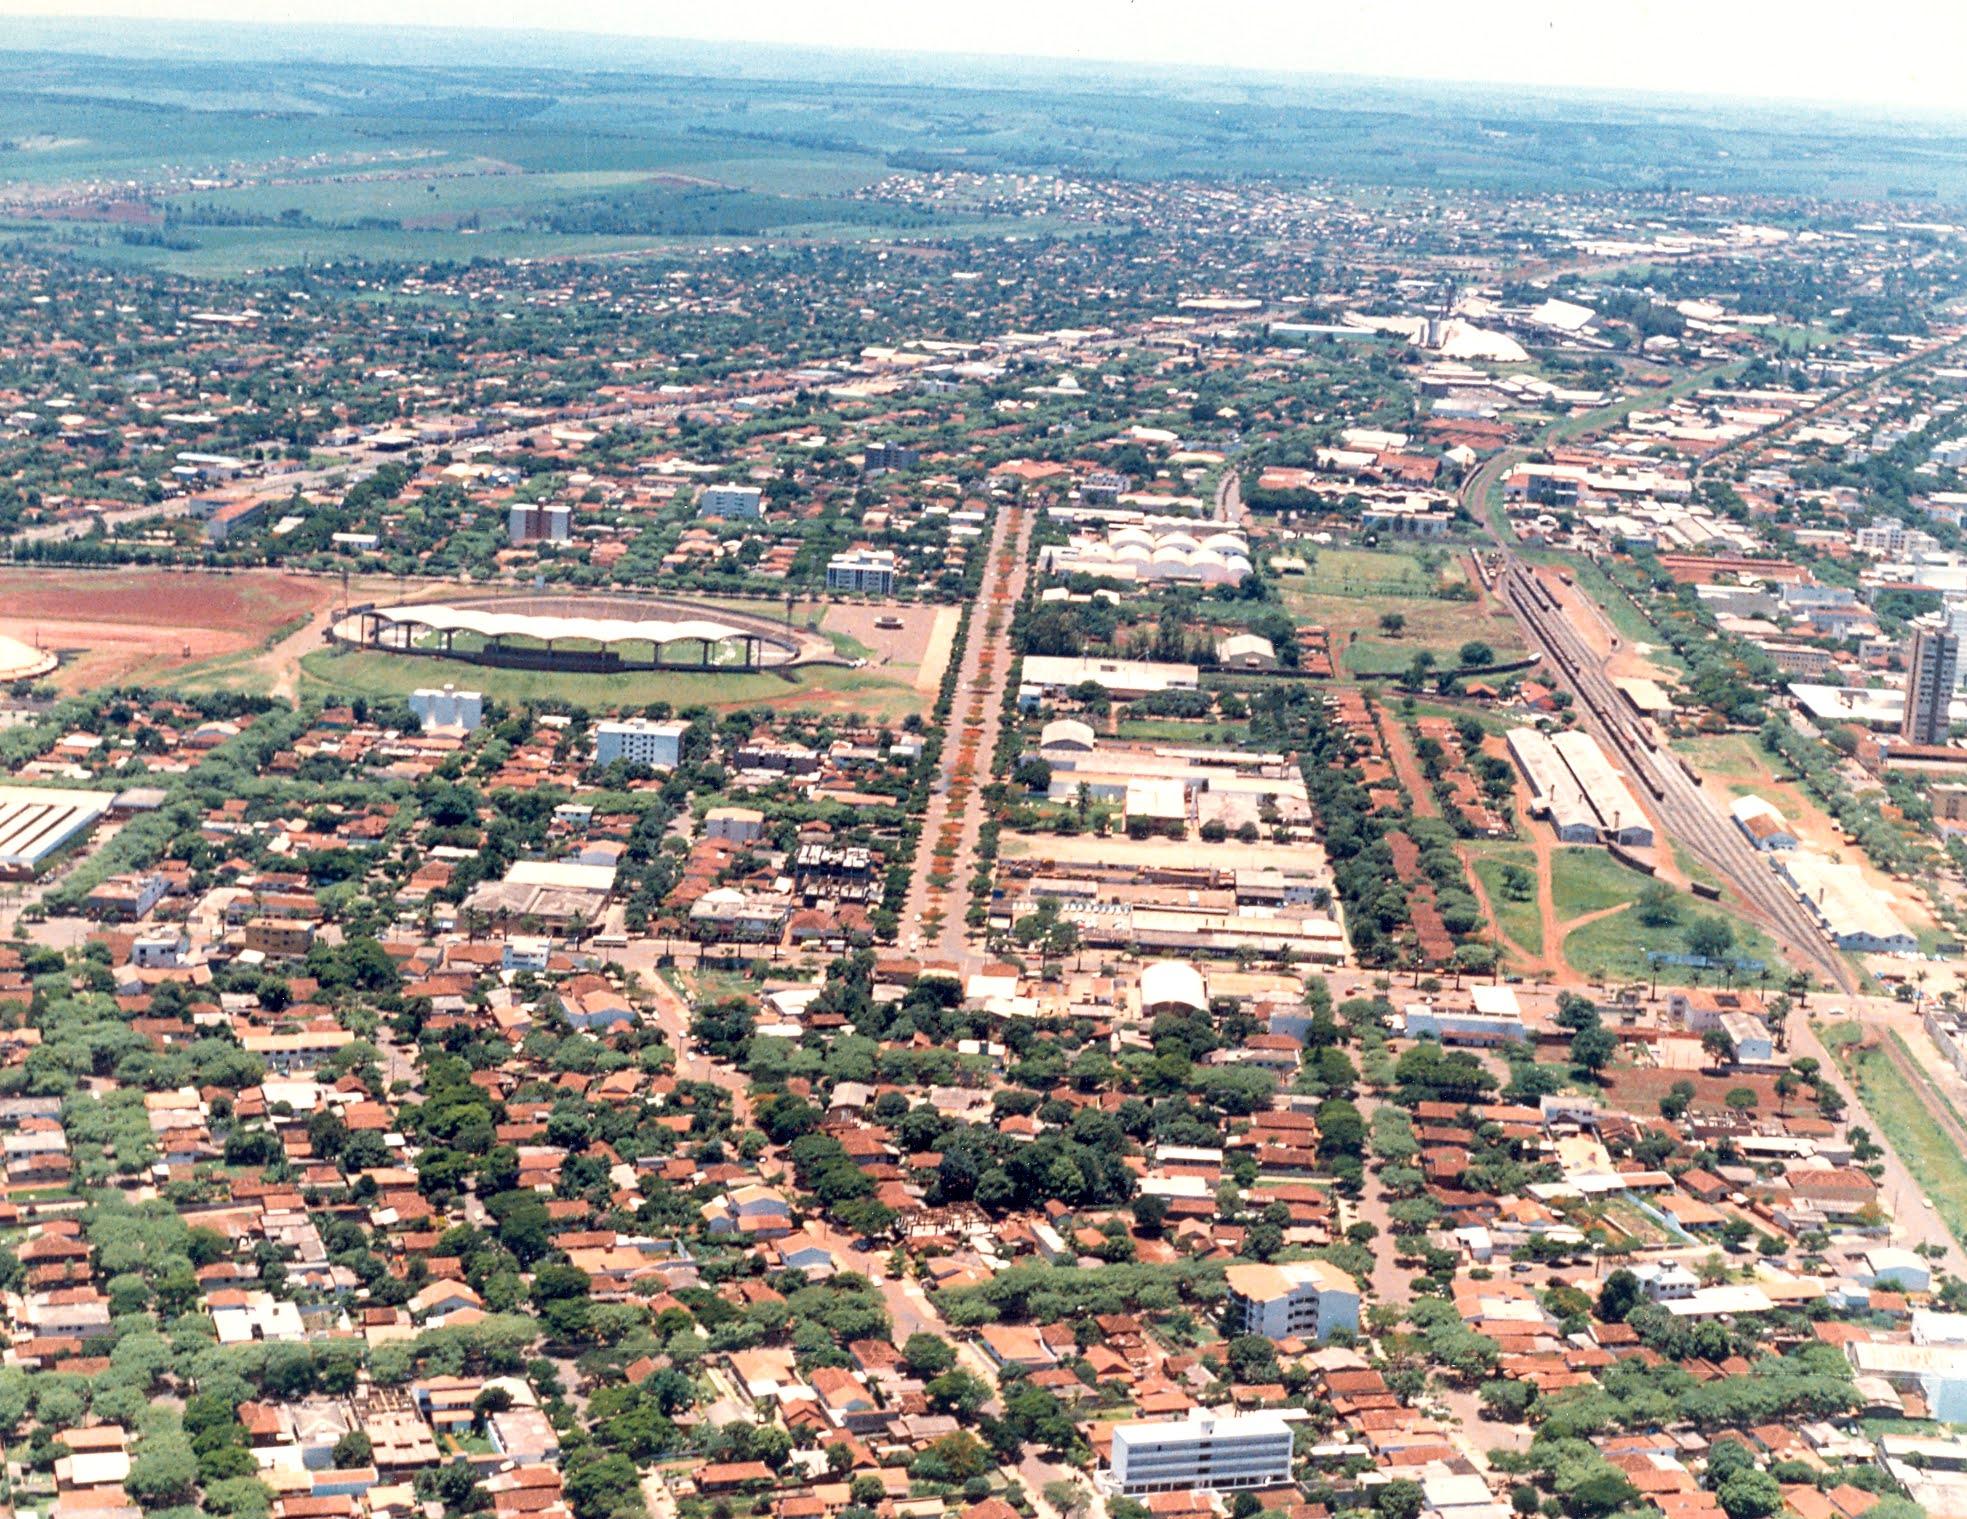 Vista aérea do Centro de Maringá - Anos 1980